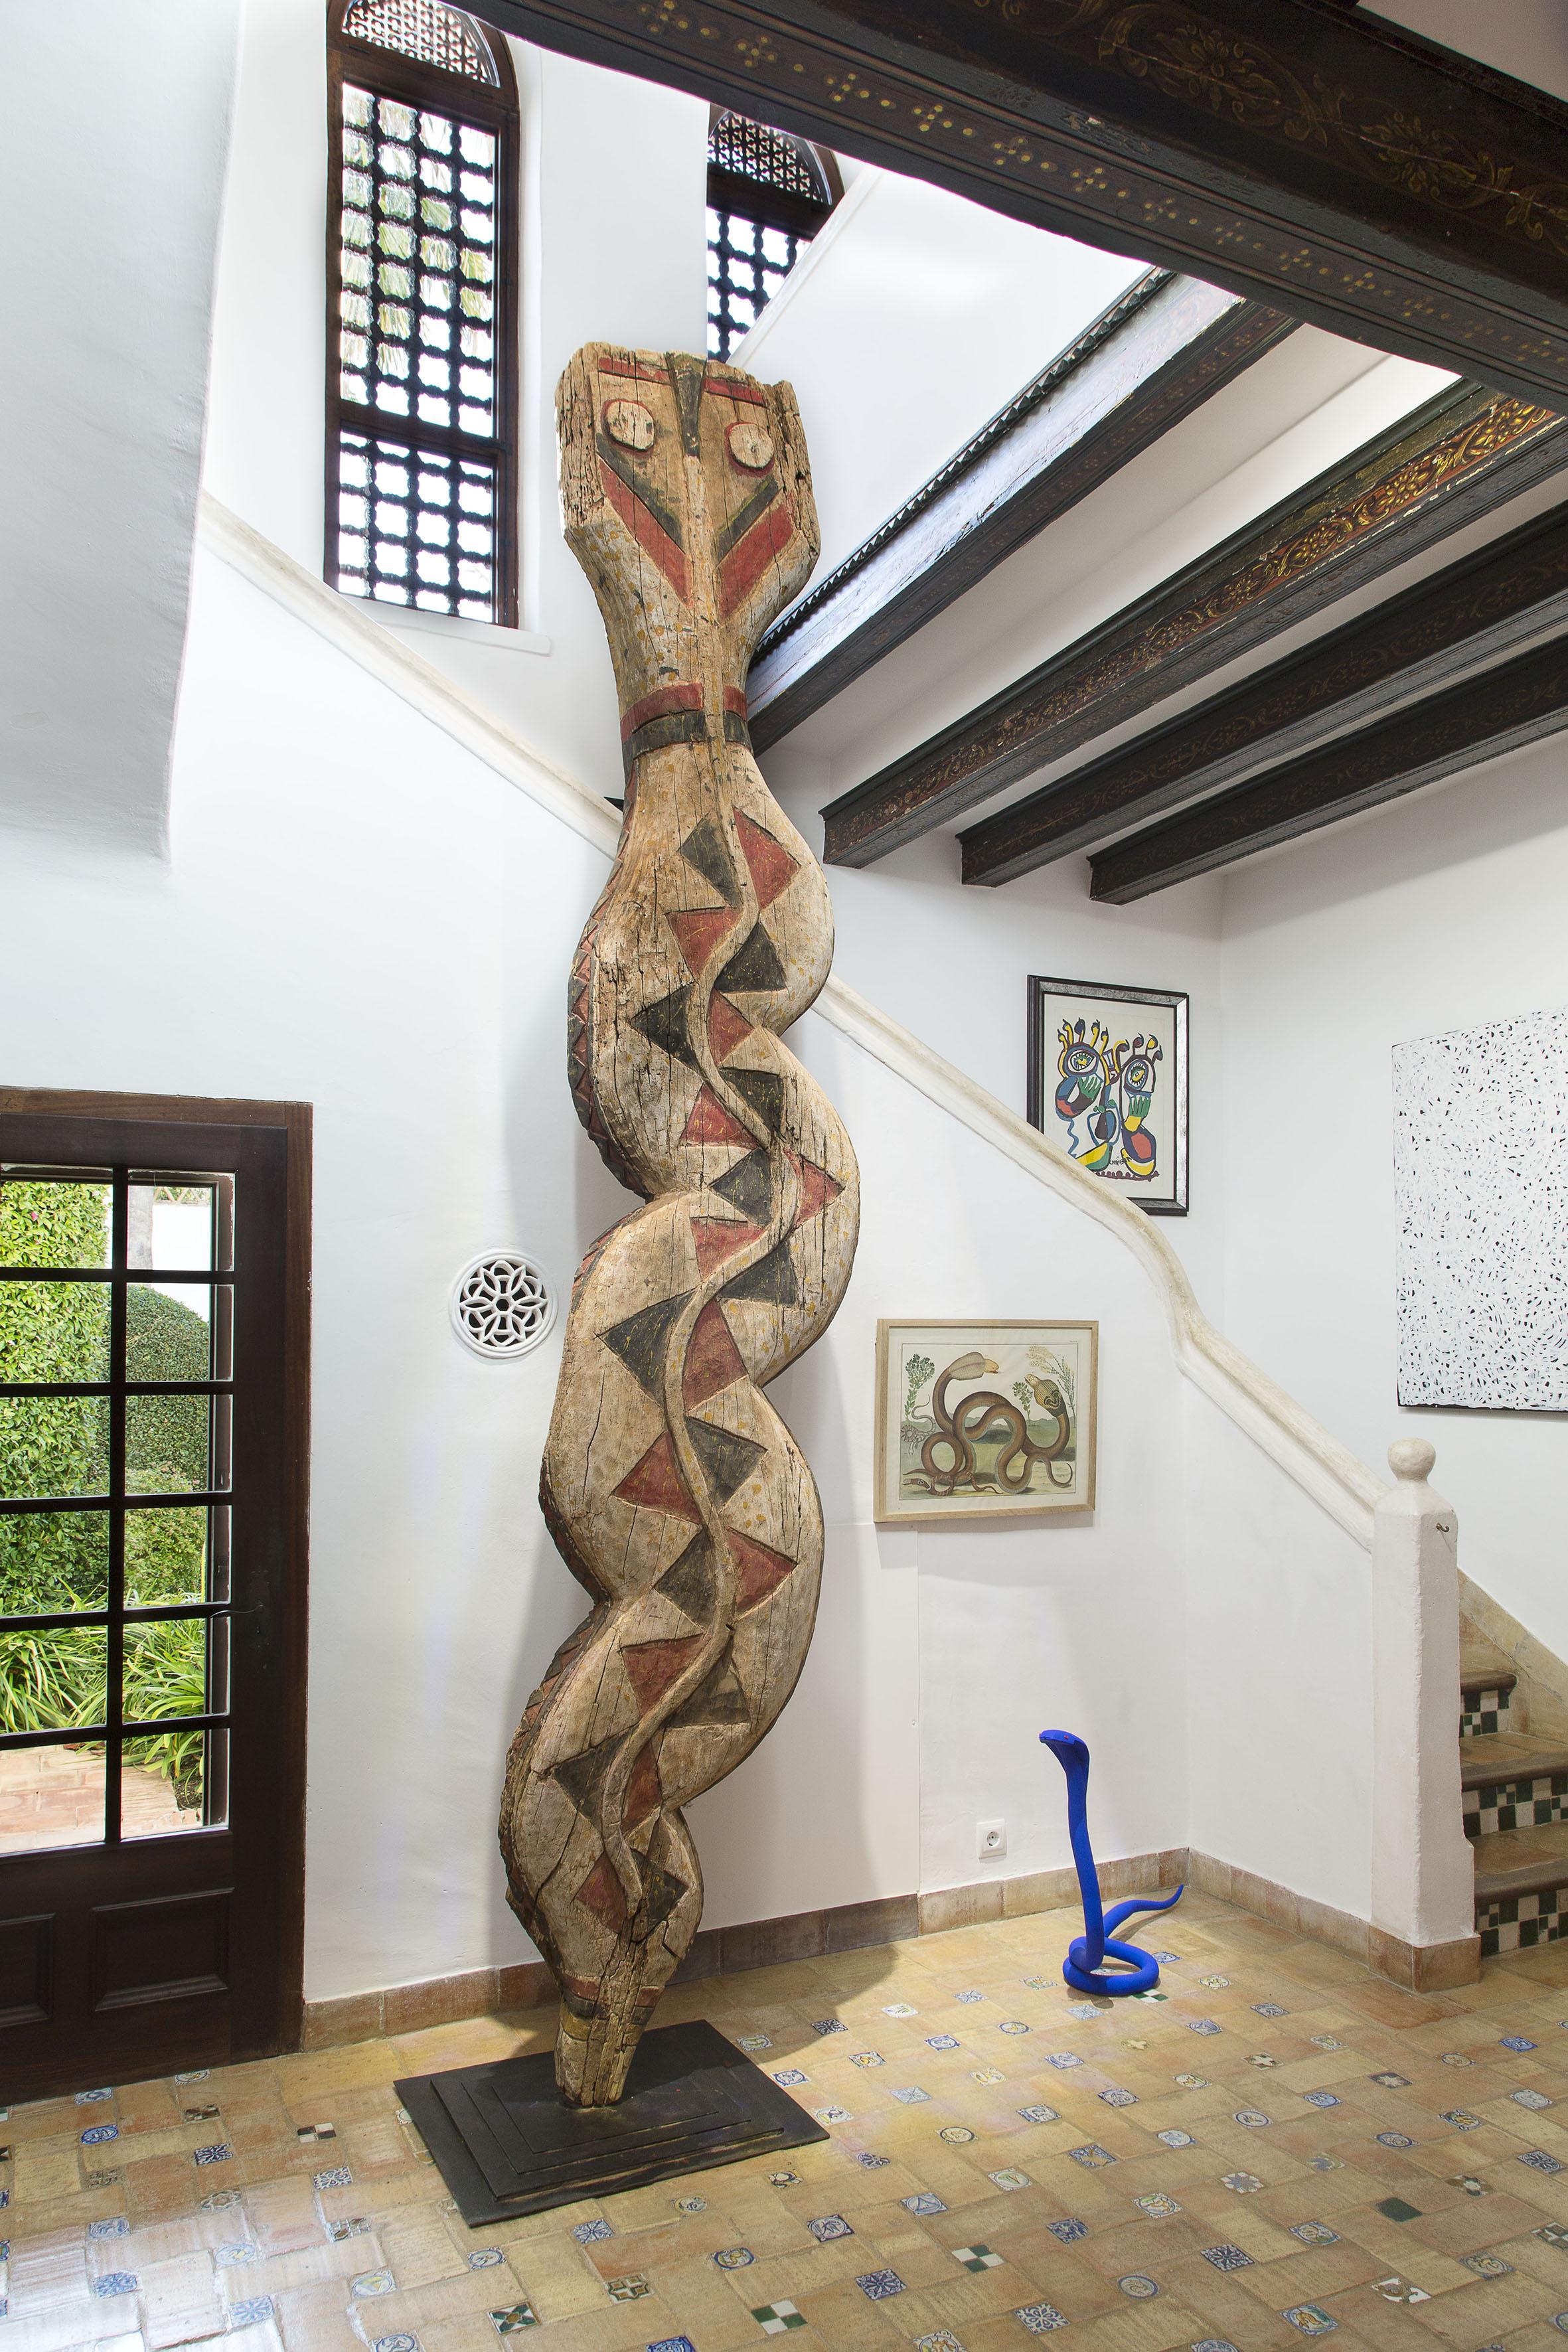 Hassan Fathy Gebäude Innenansichten: Eingang 2: BAGA SNAKE Kunstwerk aus der Kultur der west-afrikanischen Baga Ethnie © Fundacion Yannick y Ben Jakober